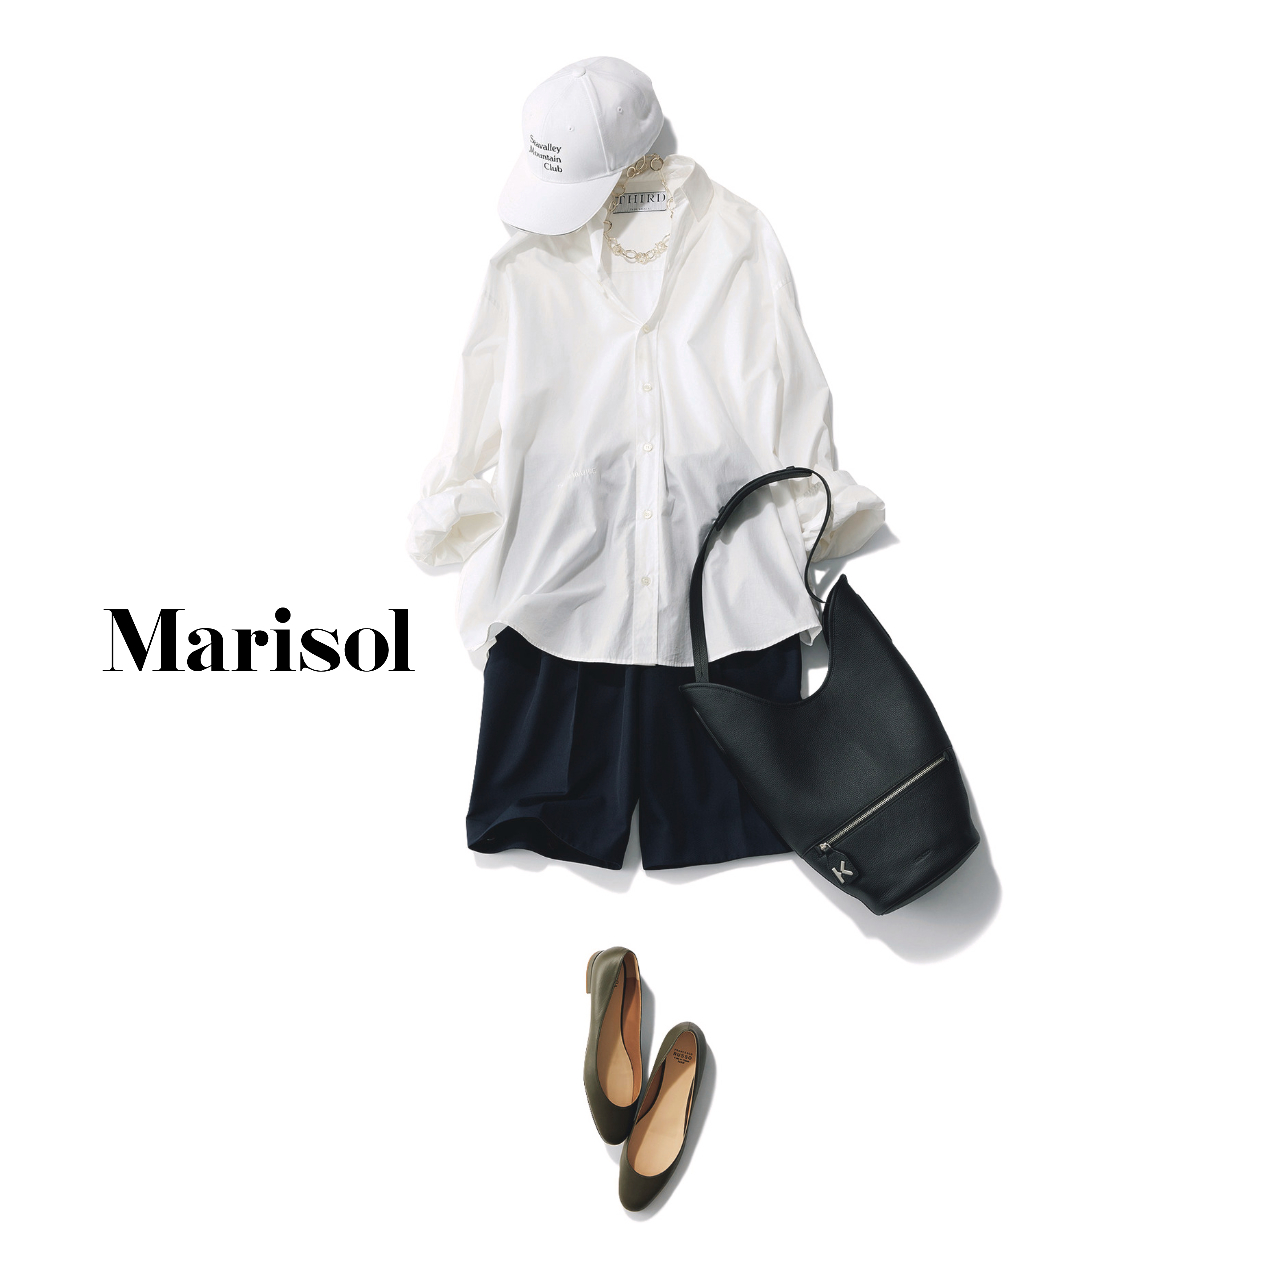 40代ファッション  白シャツ×黒ショートパンツ×キャップコーデ